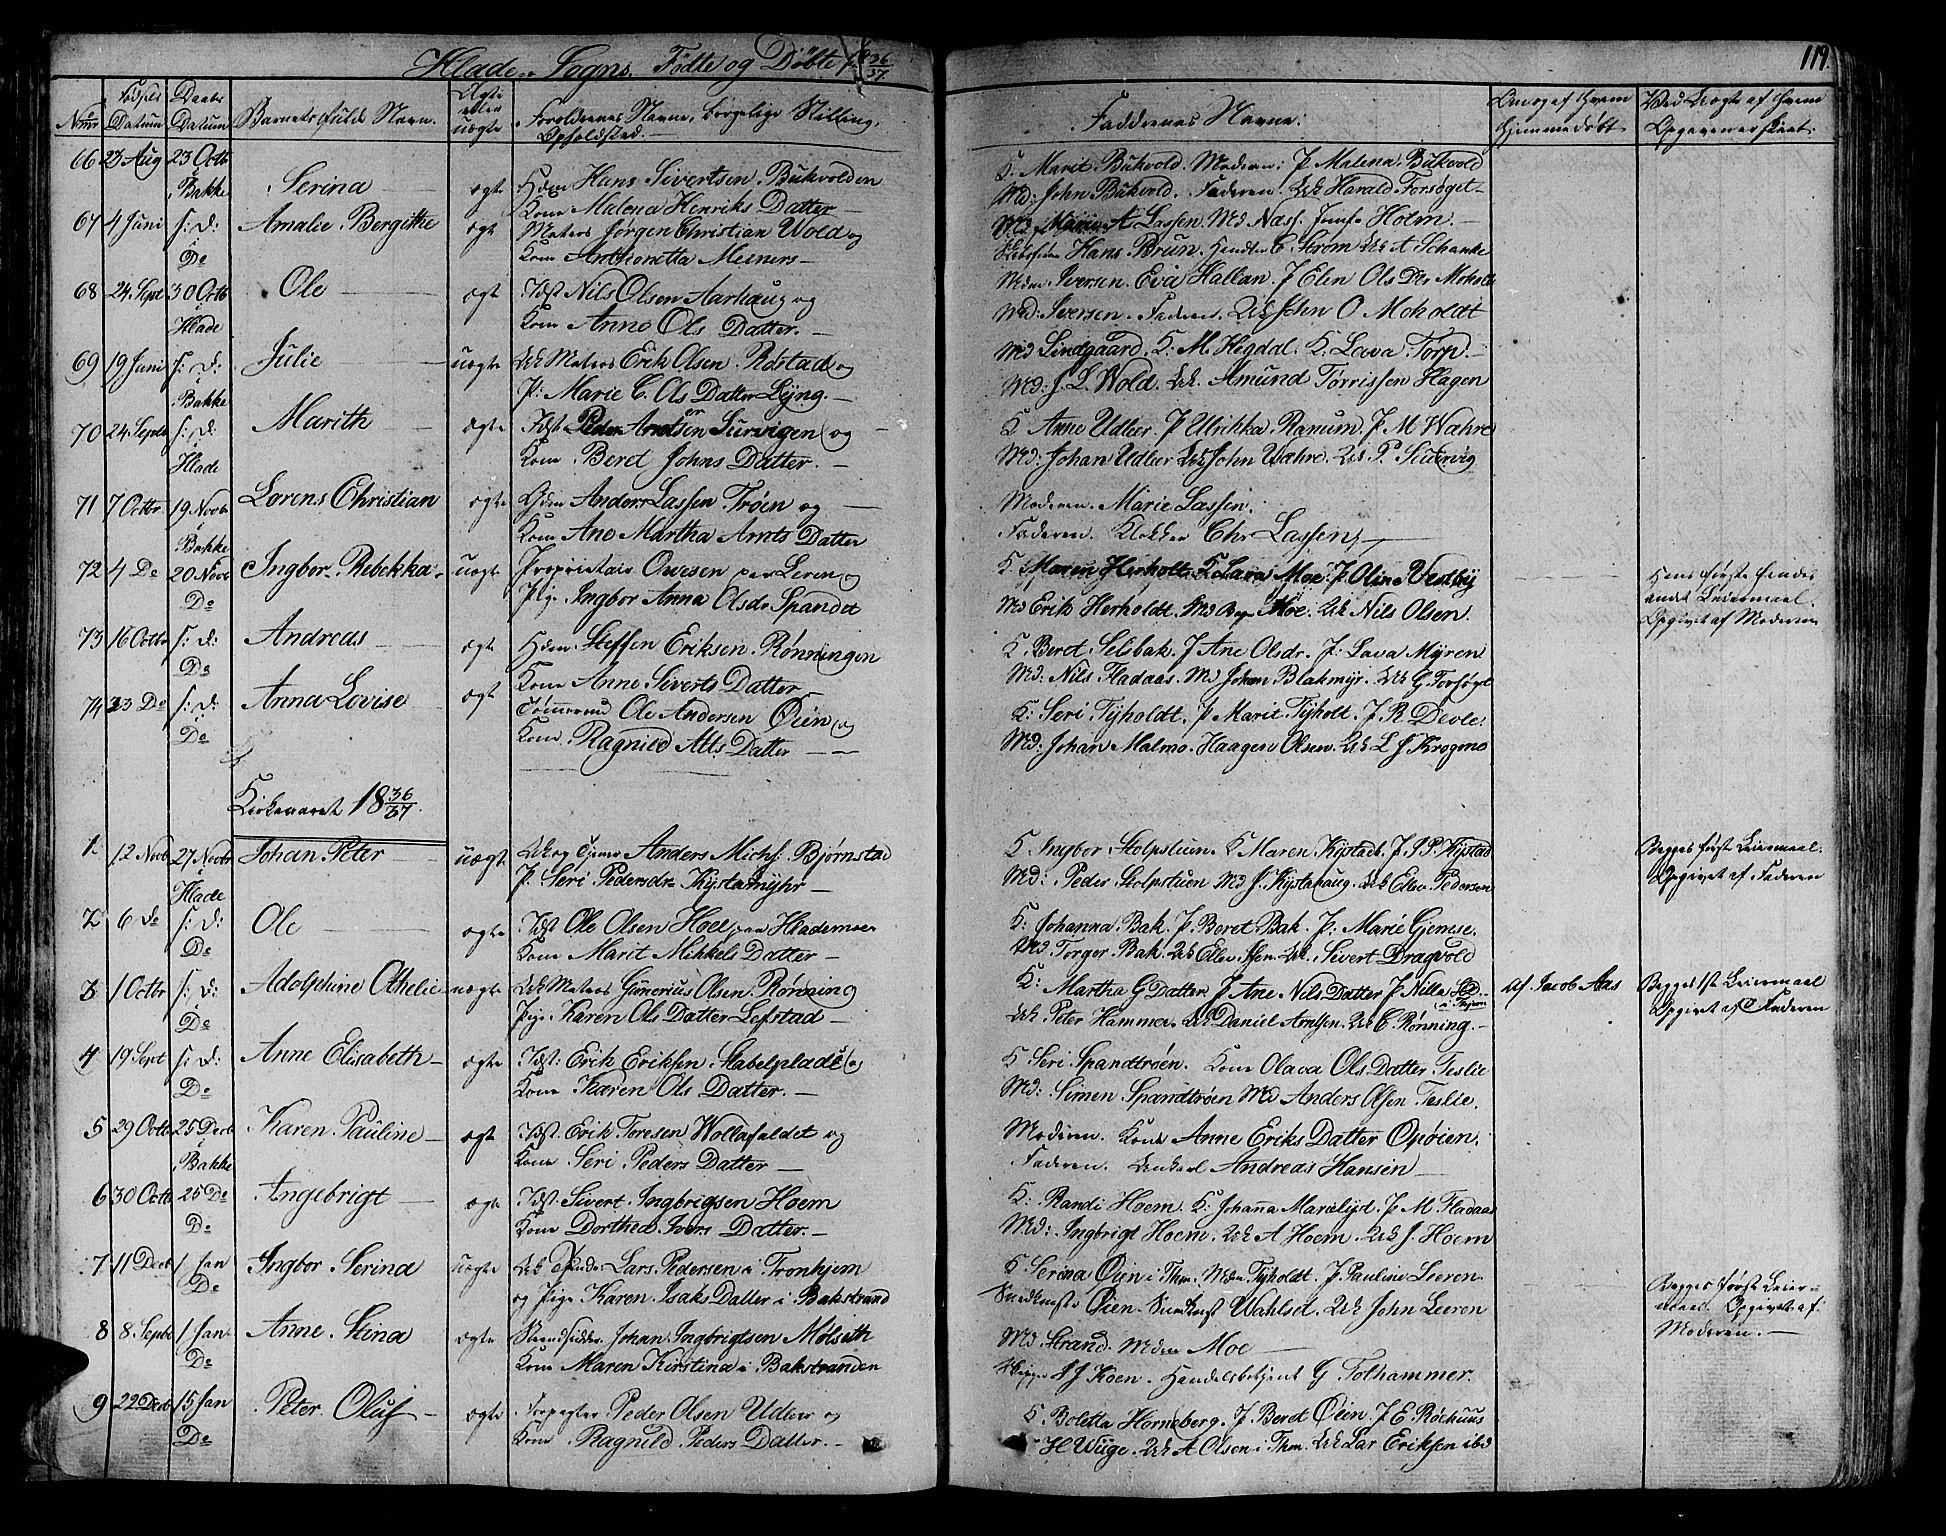 SAT, Ministerialprotokoller, klokkerbøker og fødselsregistre - Sør-Trøndelag, 606/L0286: Ministerialbok nr. 606A04 /1, 1823-1840, s. 119